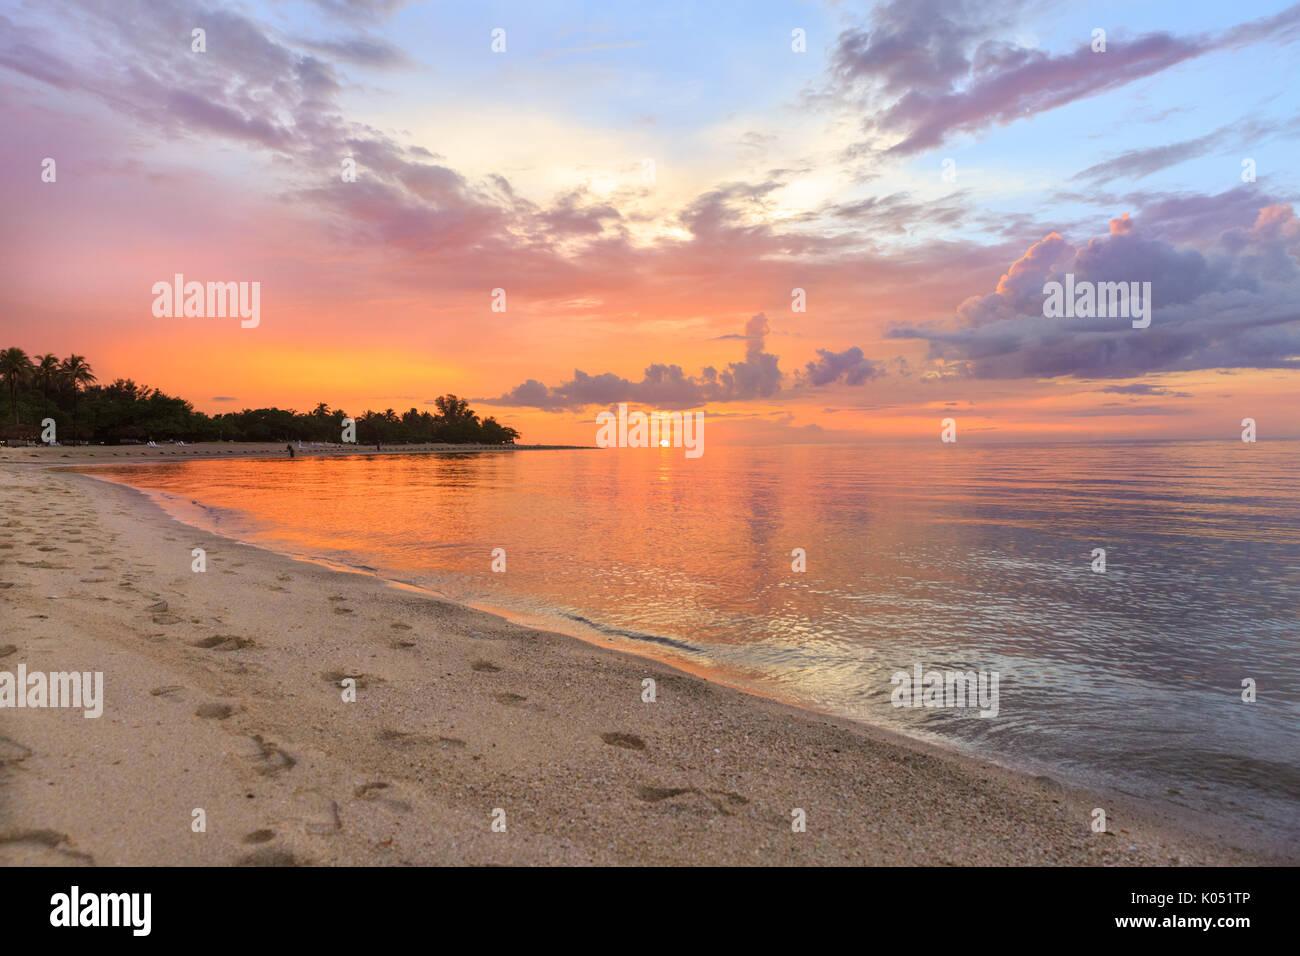 Caribe, puesta de sol, mar y playa de Jibacoa, Cuba Imagen De Stock